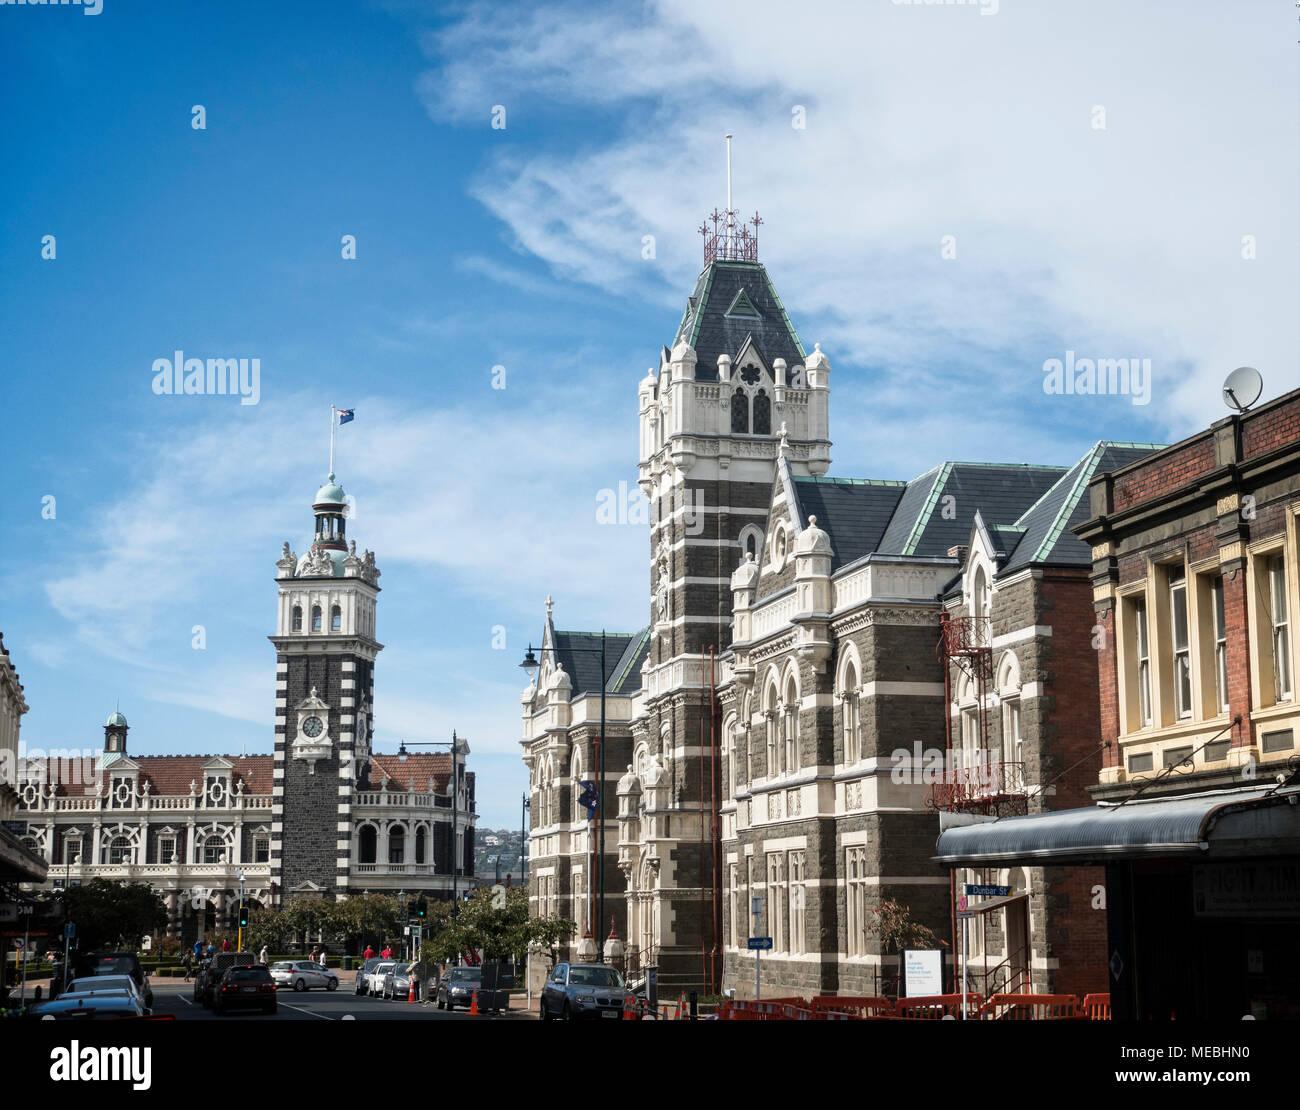 Le Département des tribunaux et de la gare, Dunedin, île du Sud, Nouvelle-Zélande. Photo Stock